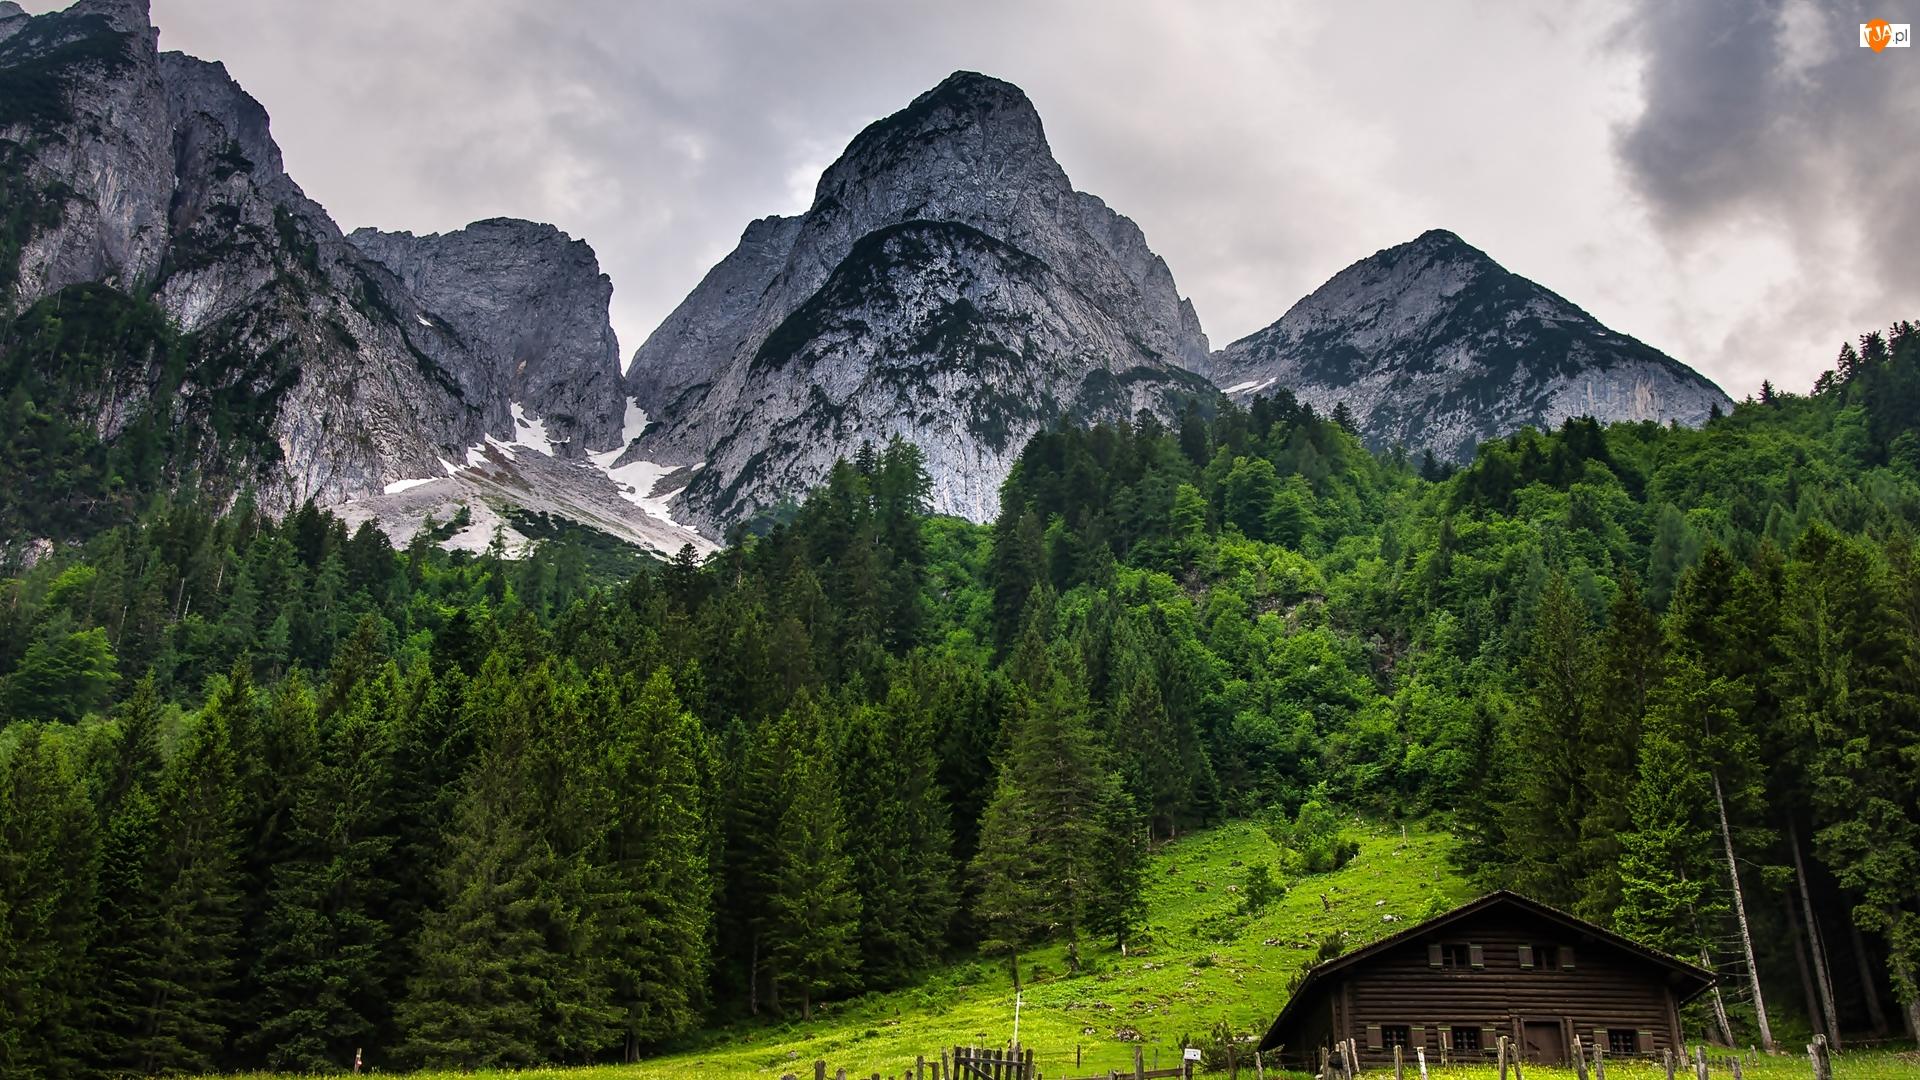 Miejscowość Gosau, Austria, Las, Dom, Góry Dachstein, Drewniany